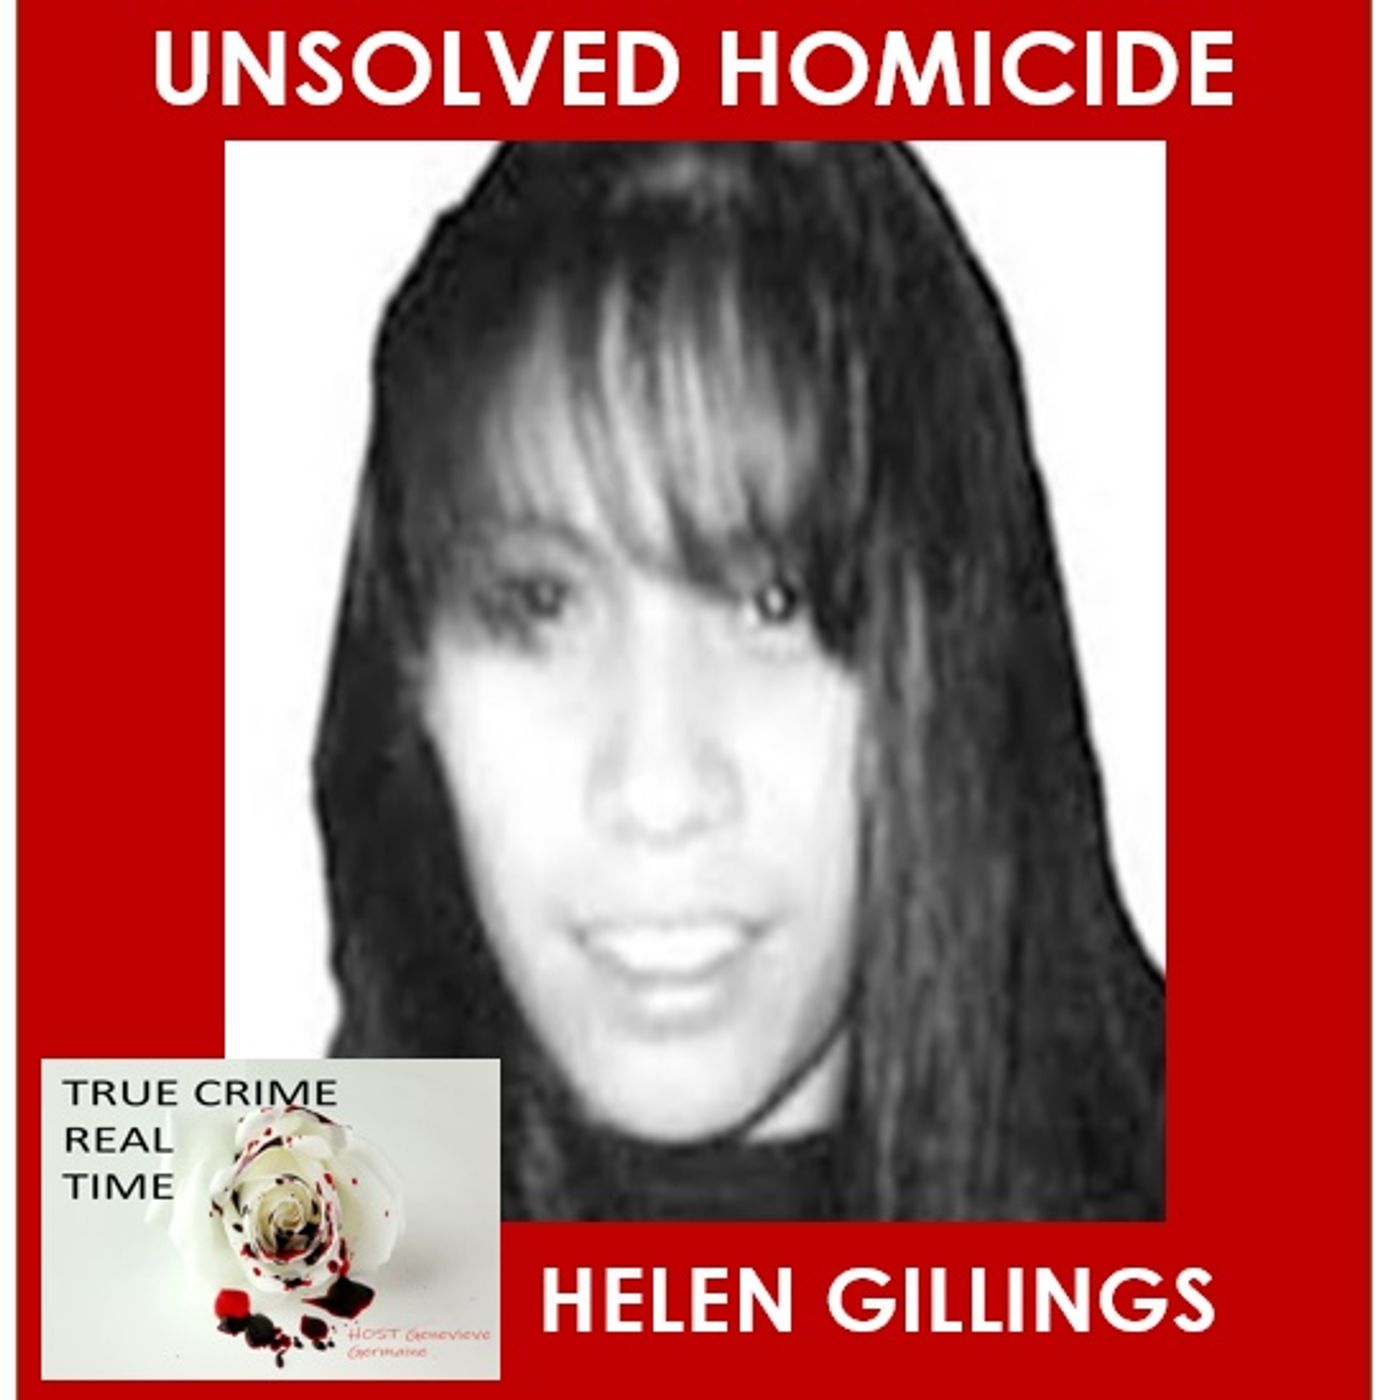 #9 - Murdered - Helen Gillings